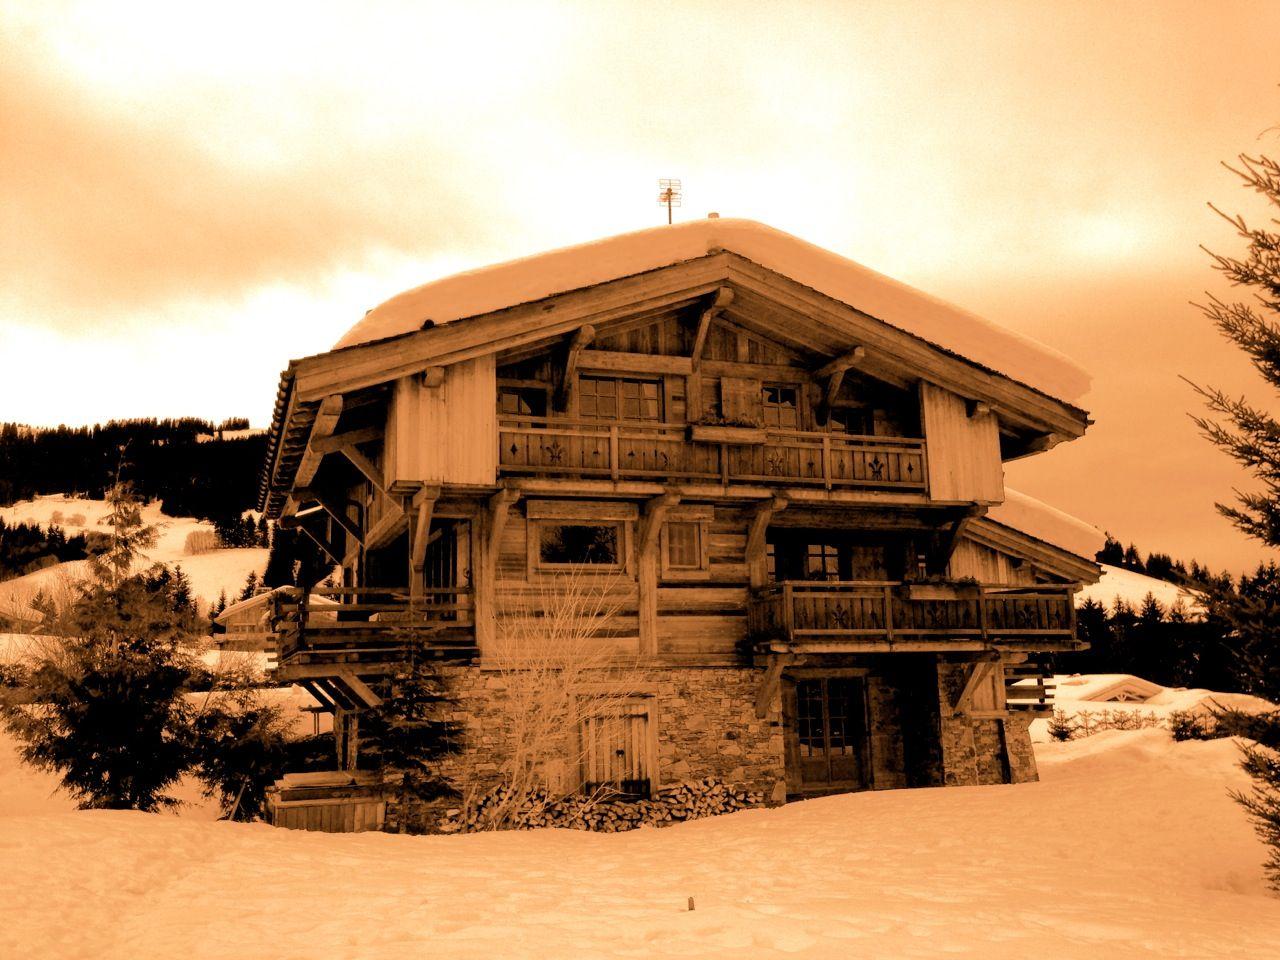 #megeve #architecture #chalet A découvrir avec les Guides du Patrimoine des Pays de Savoie ! http://www.gpps.fr/Guides-du-Patrimoine-des-Pays-de-Savoie/Pages/Site/Visites-en-Savoie-Mont-Blanc/Faucigny/Pays-du-Mont-Blanc/Megeve